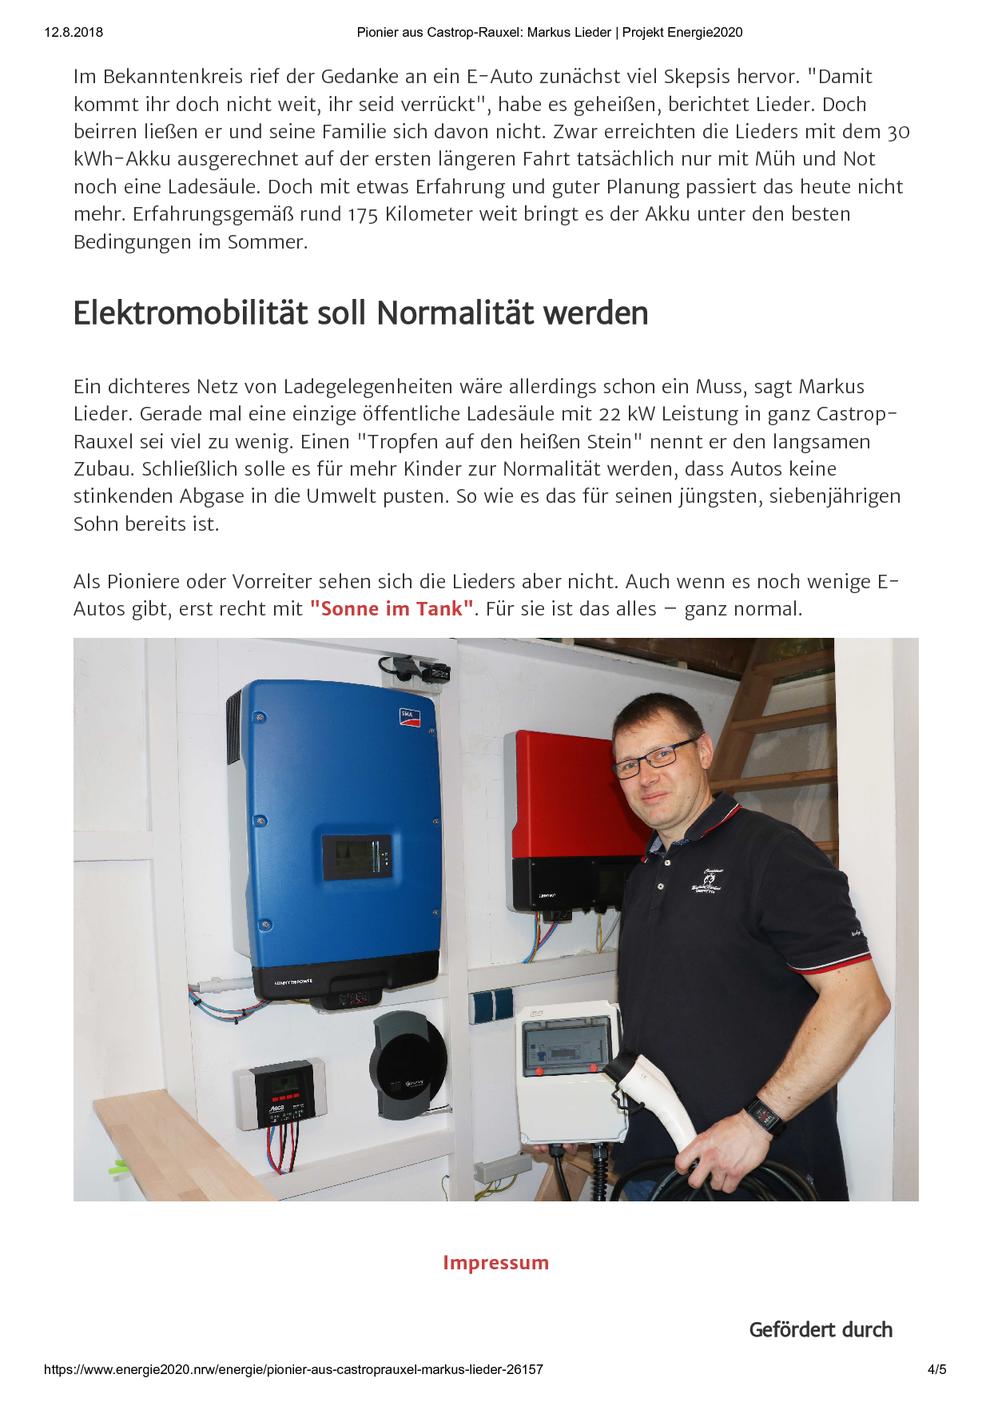 Verbraucherzentrale Nordrhein-Westfalen am 12.08.2018 Pionier aus Castrop-Rauxel: Markus Lieder / Projekt Energie2020, Seite 4/5